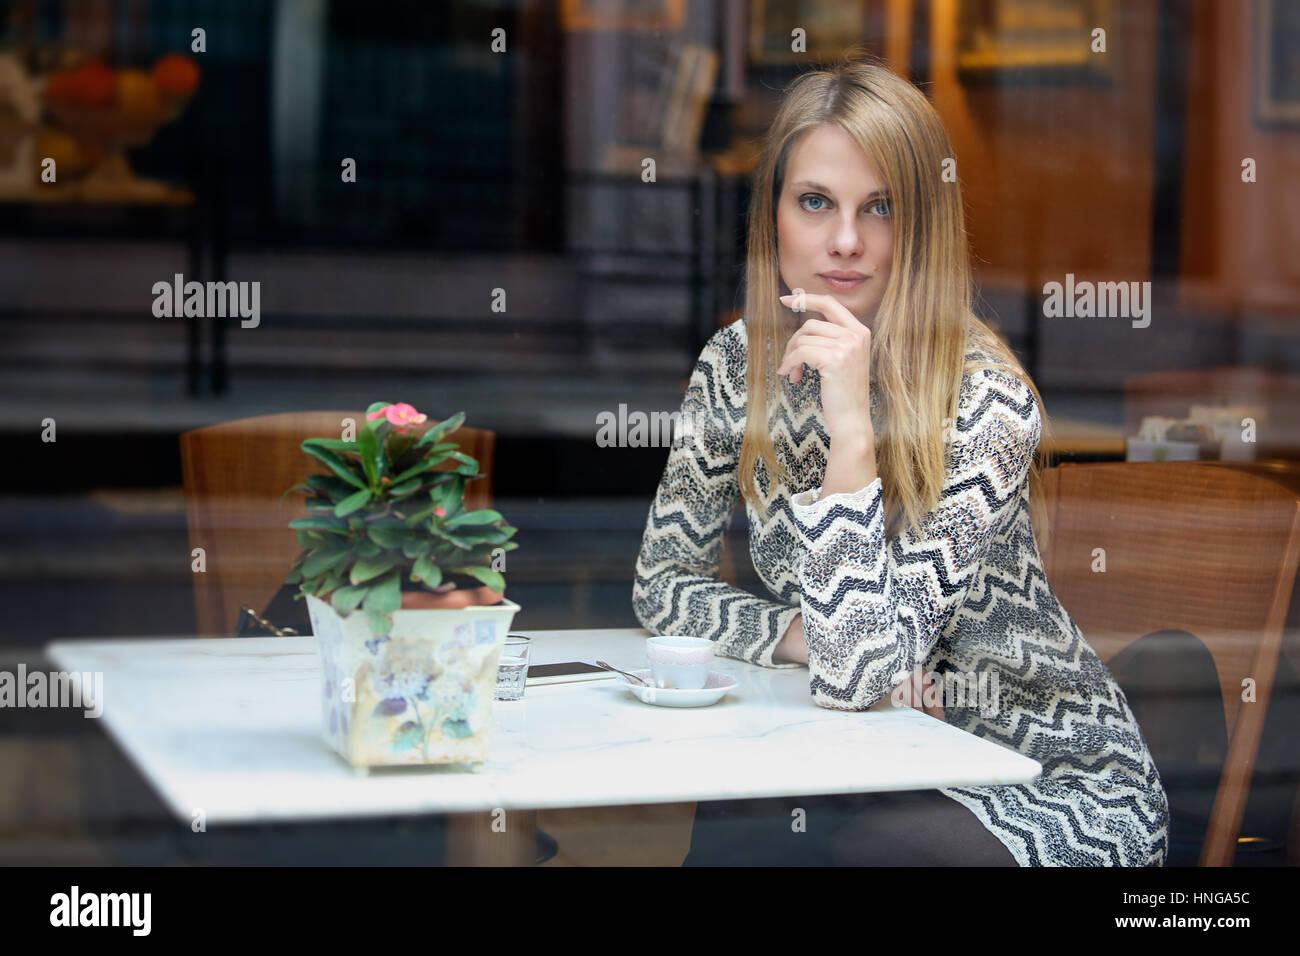 Hermosa mujer dentro de una cafetería. Estilo de vida urbano Imagen De Stock